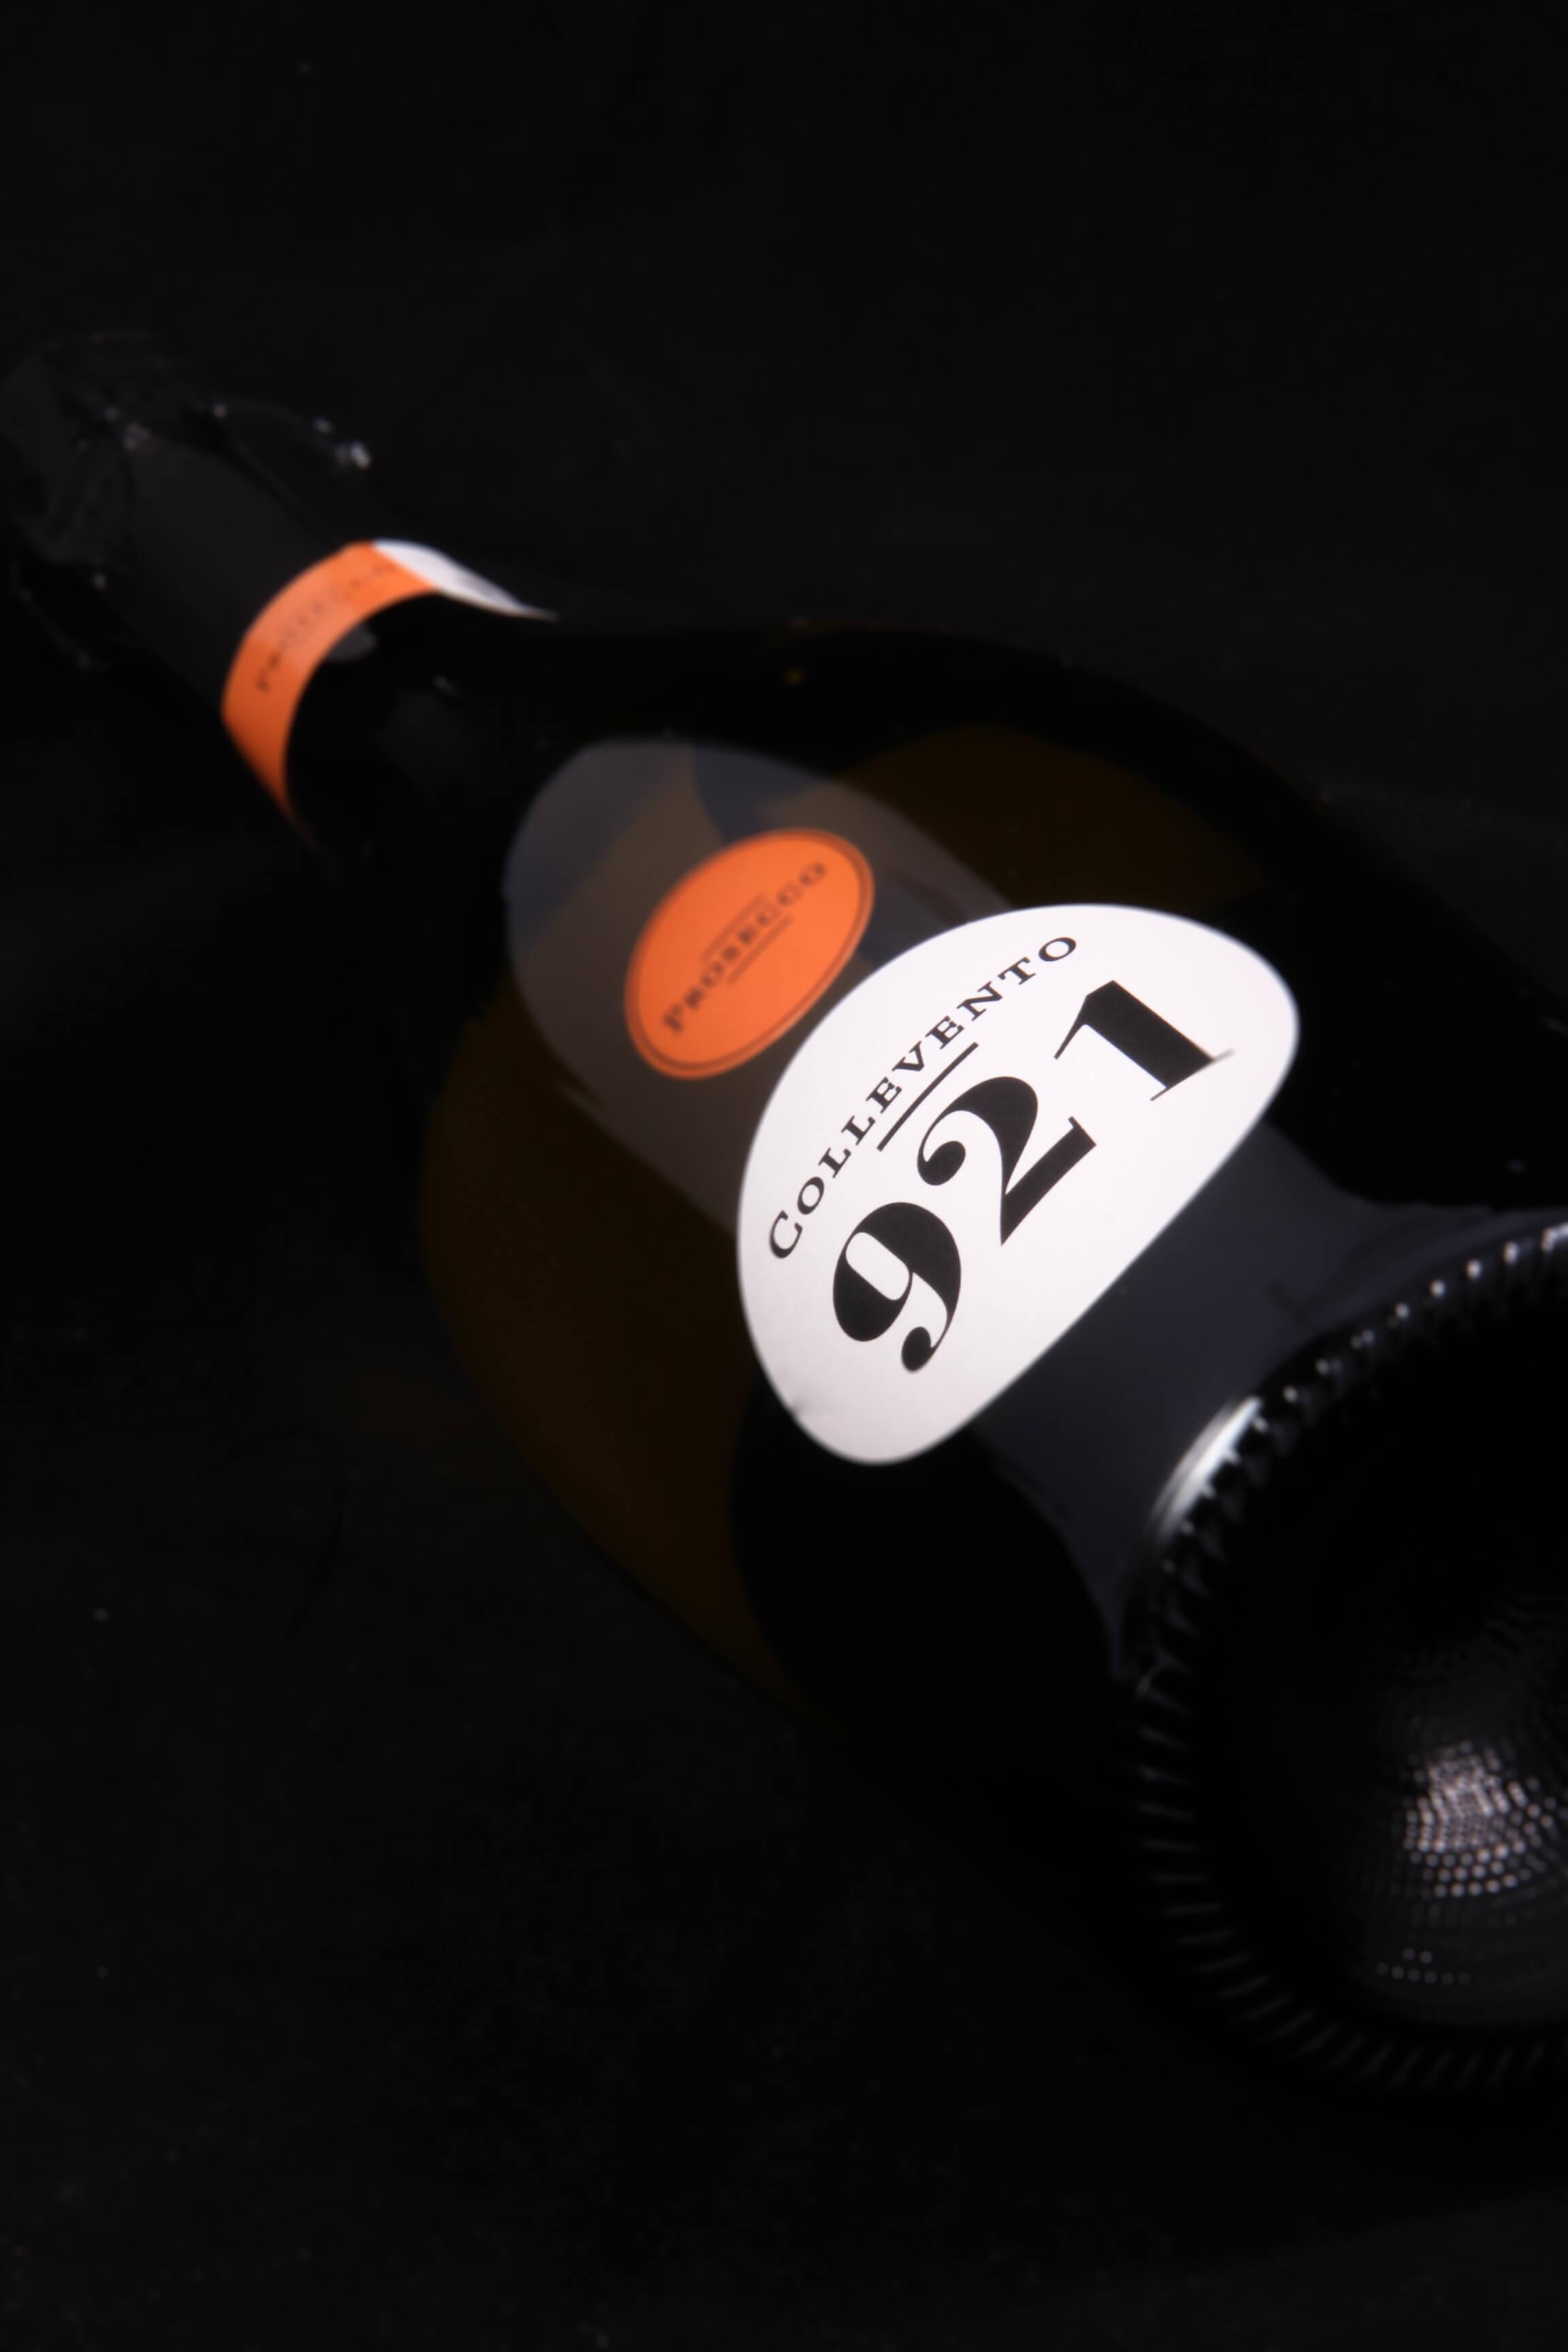 vino_nostrum-importadora_de_vinos_y_alimentos_ok31